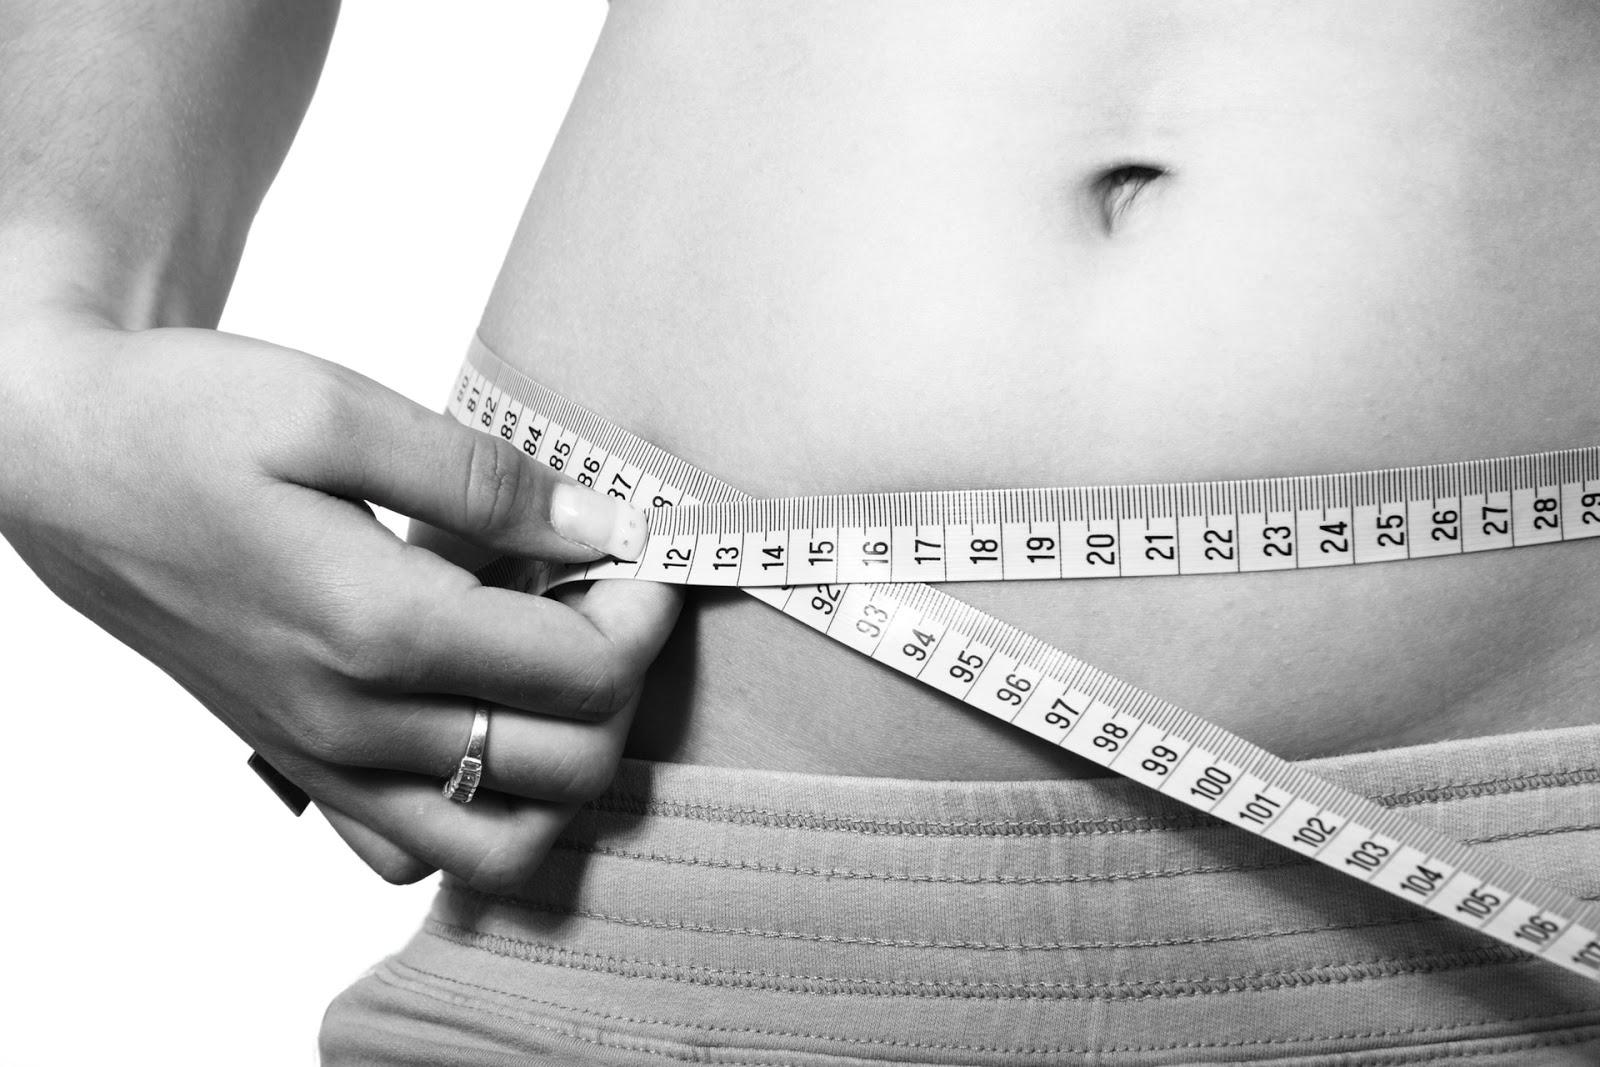 ラマダーン(断食)のダイエット効果や健康(身体)への影響